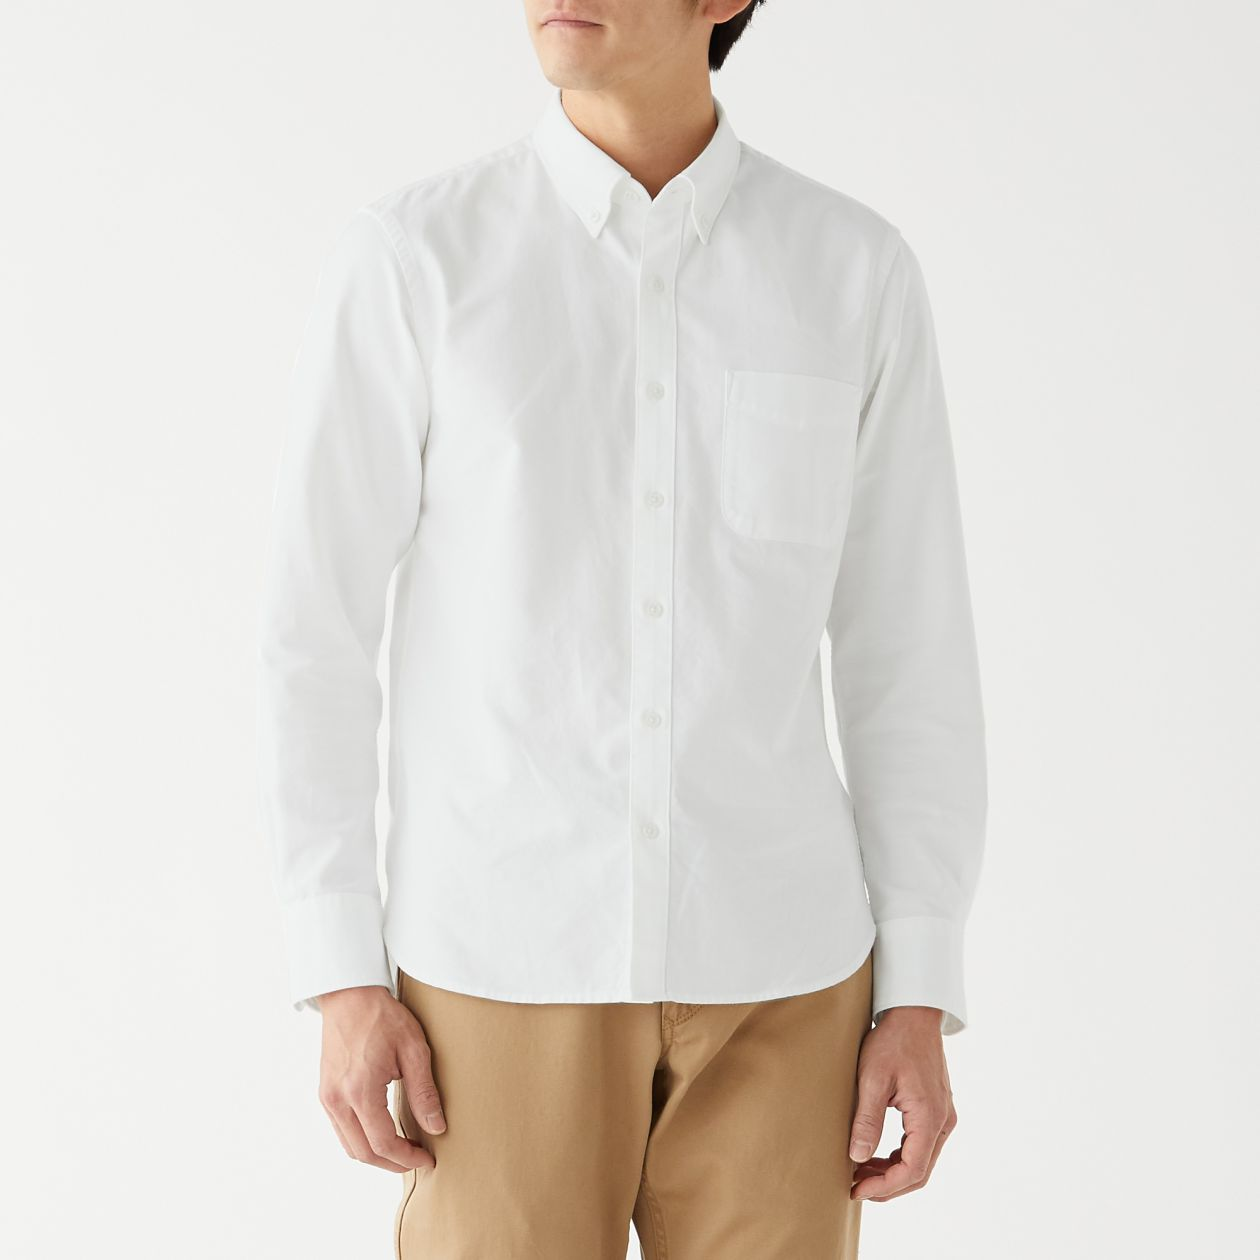 無印 オックスボタンダウンシャツ